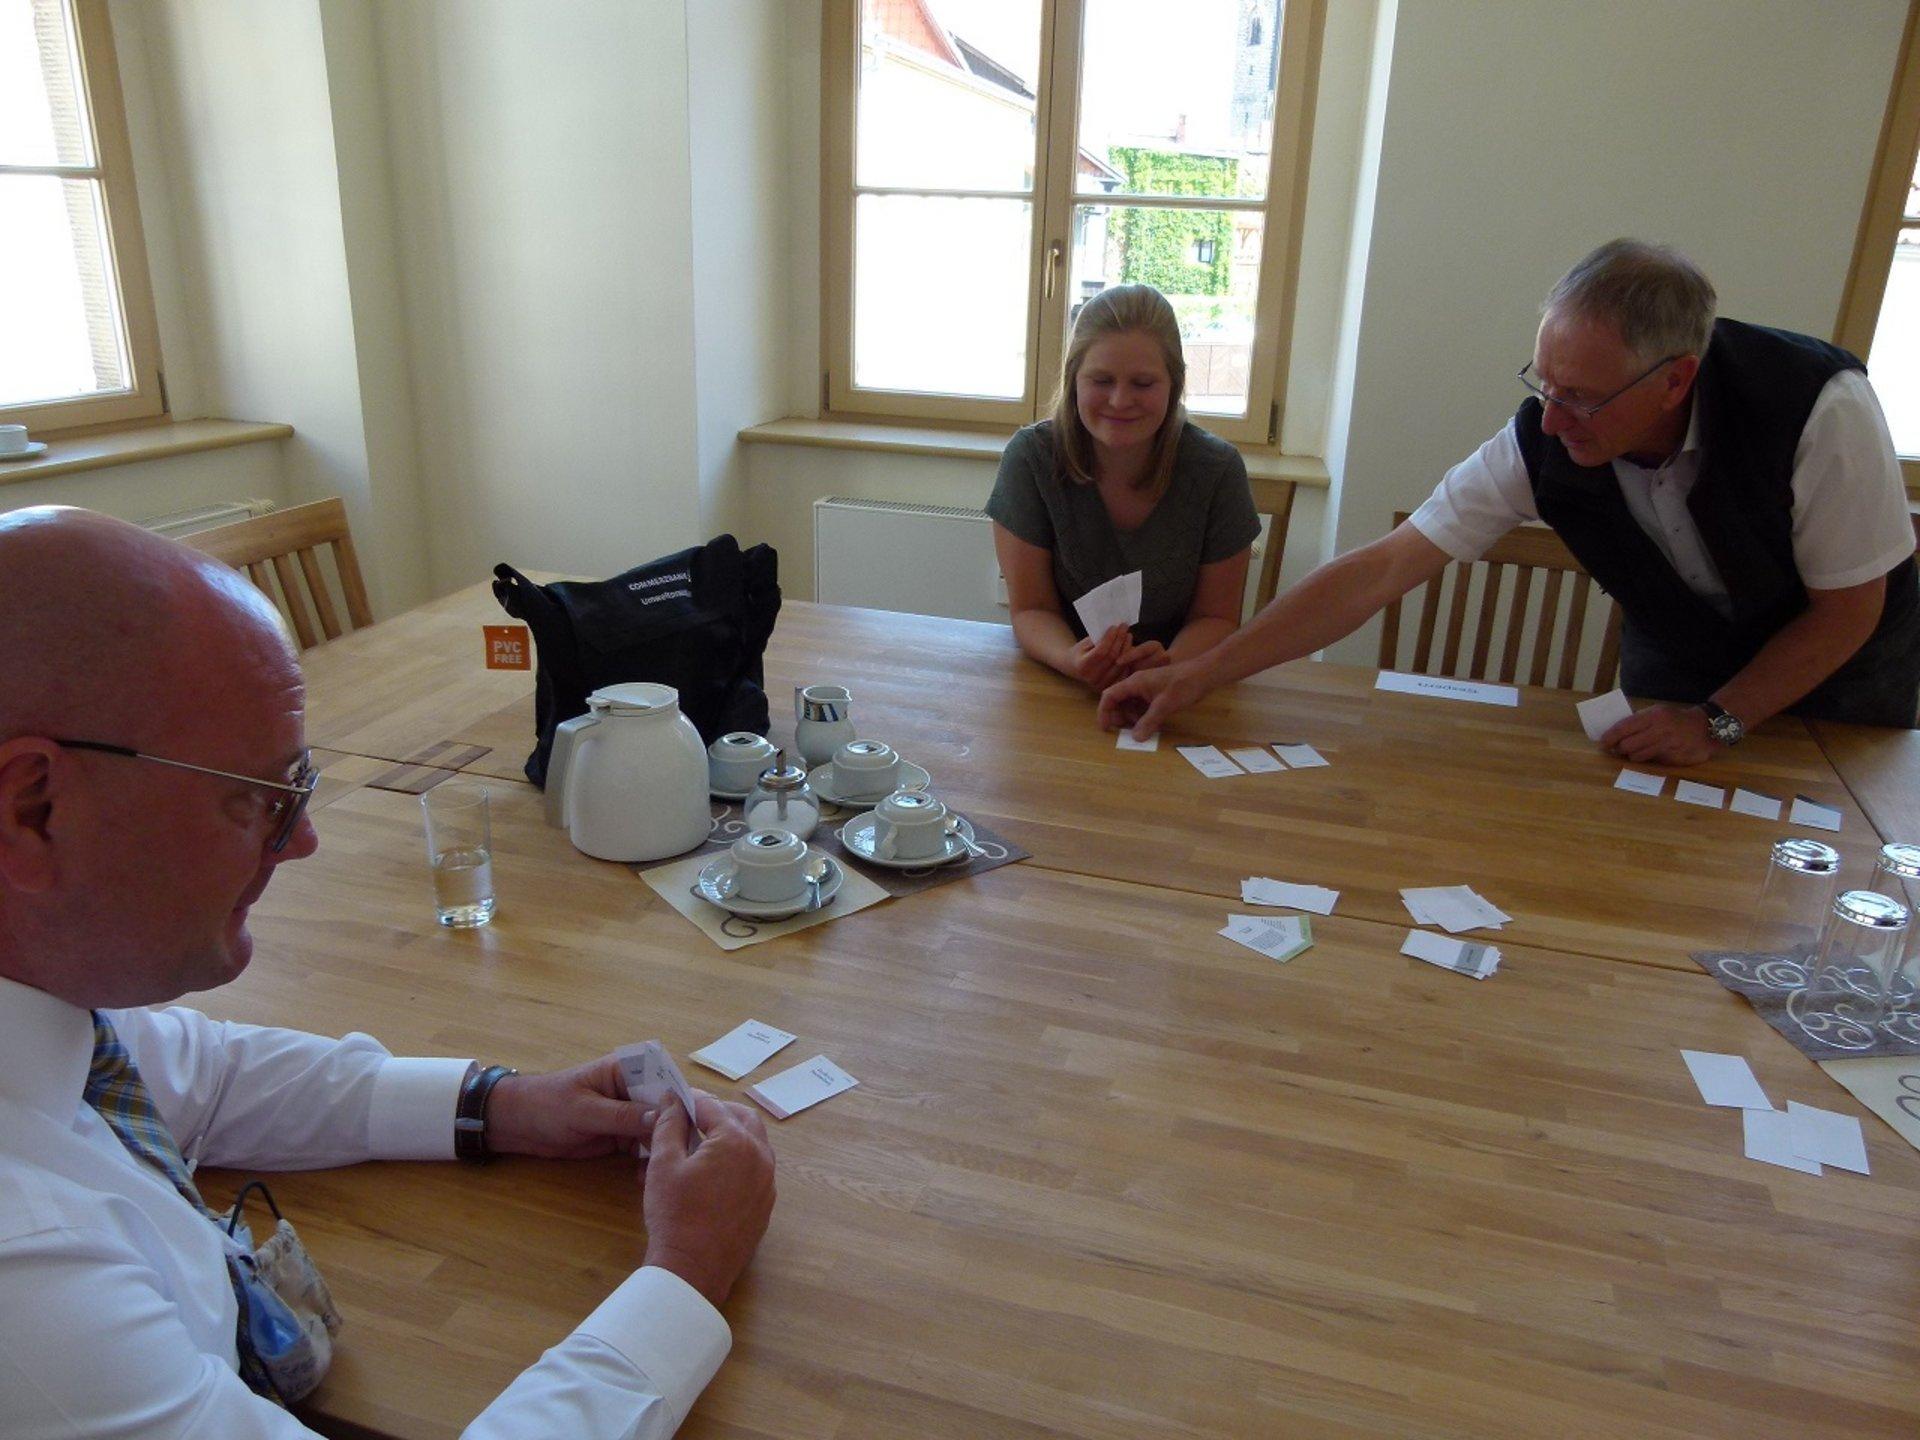 Bild: Kartenspiel am Tisch